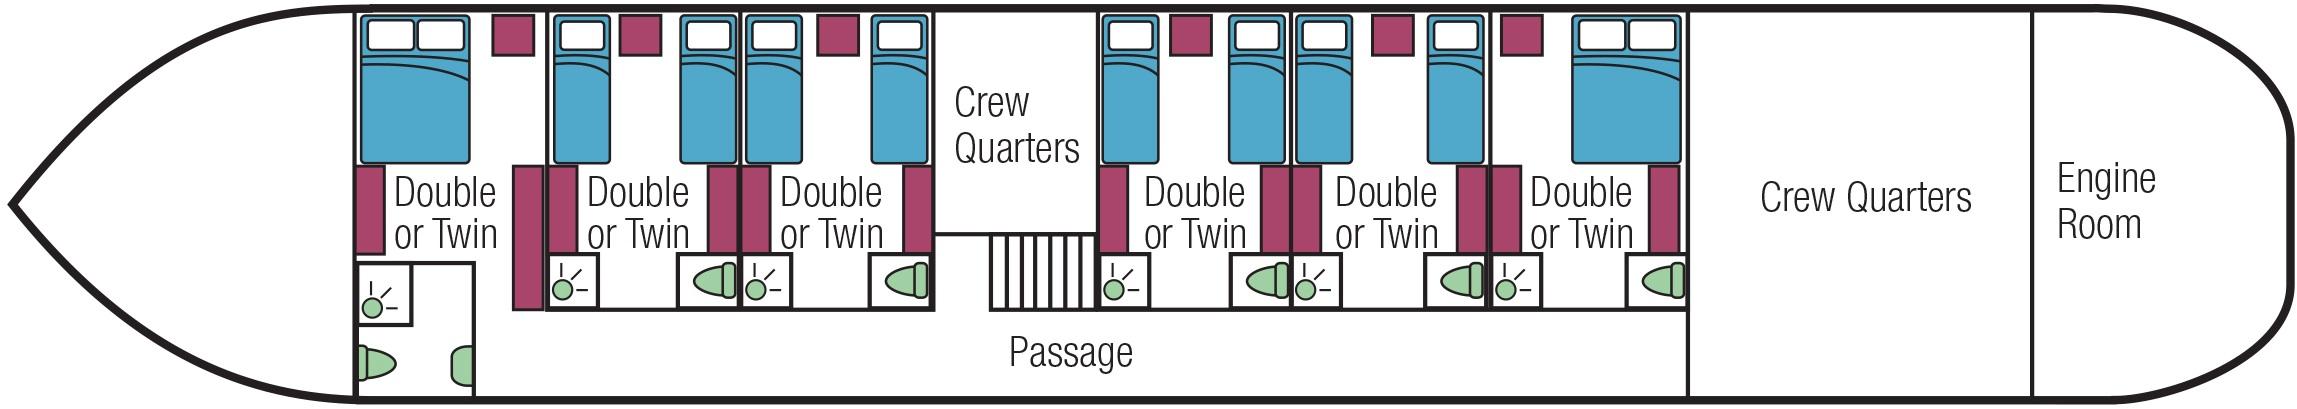 European Waterways Savoir Faire Deckplans Lower Deck.jpg